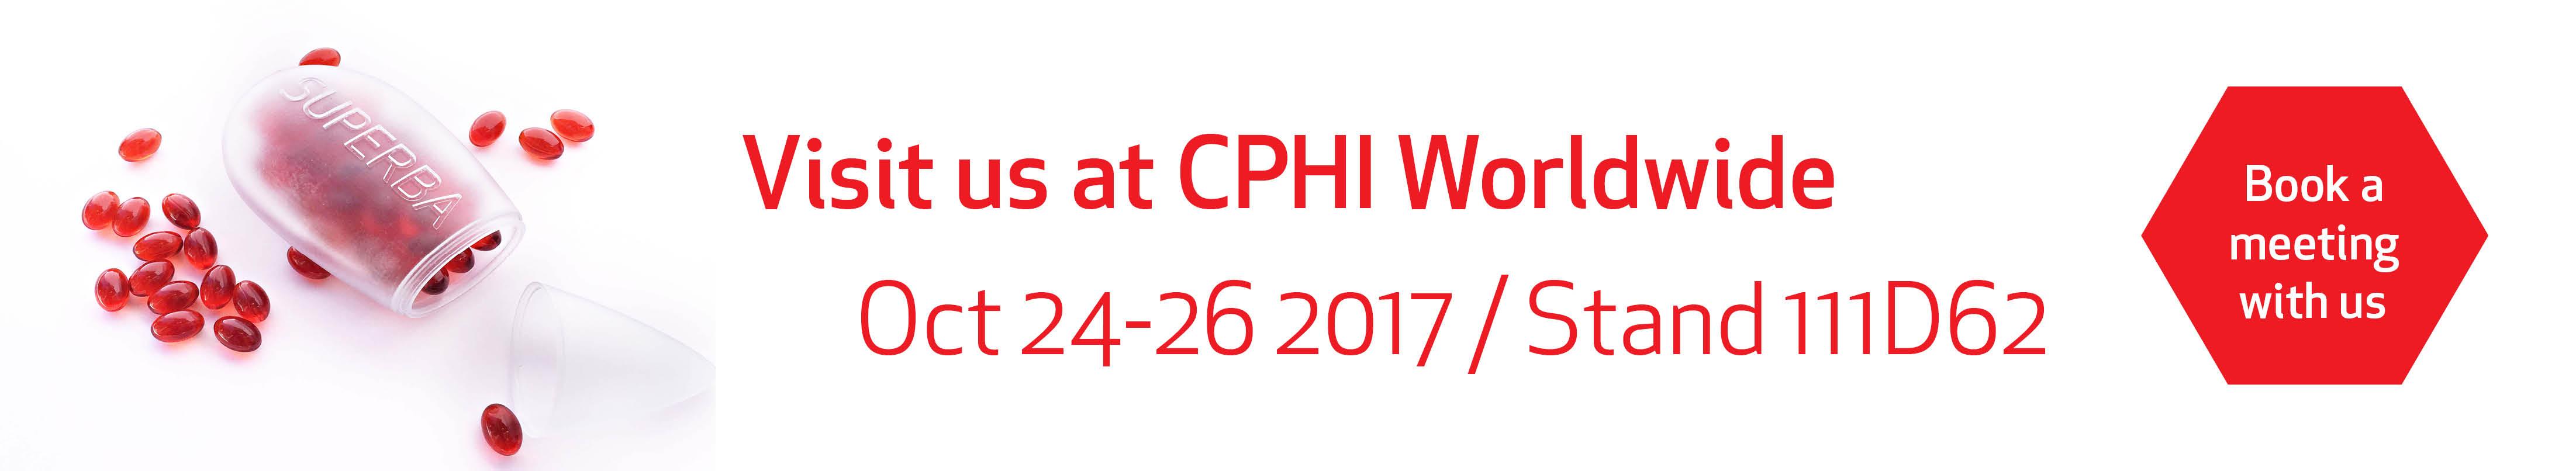 CPHI Banner 2017.jpg